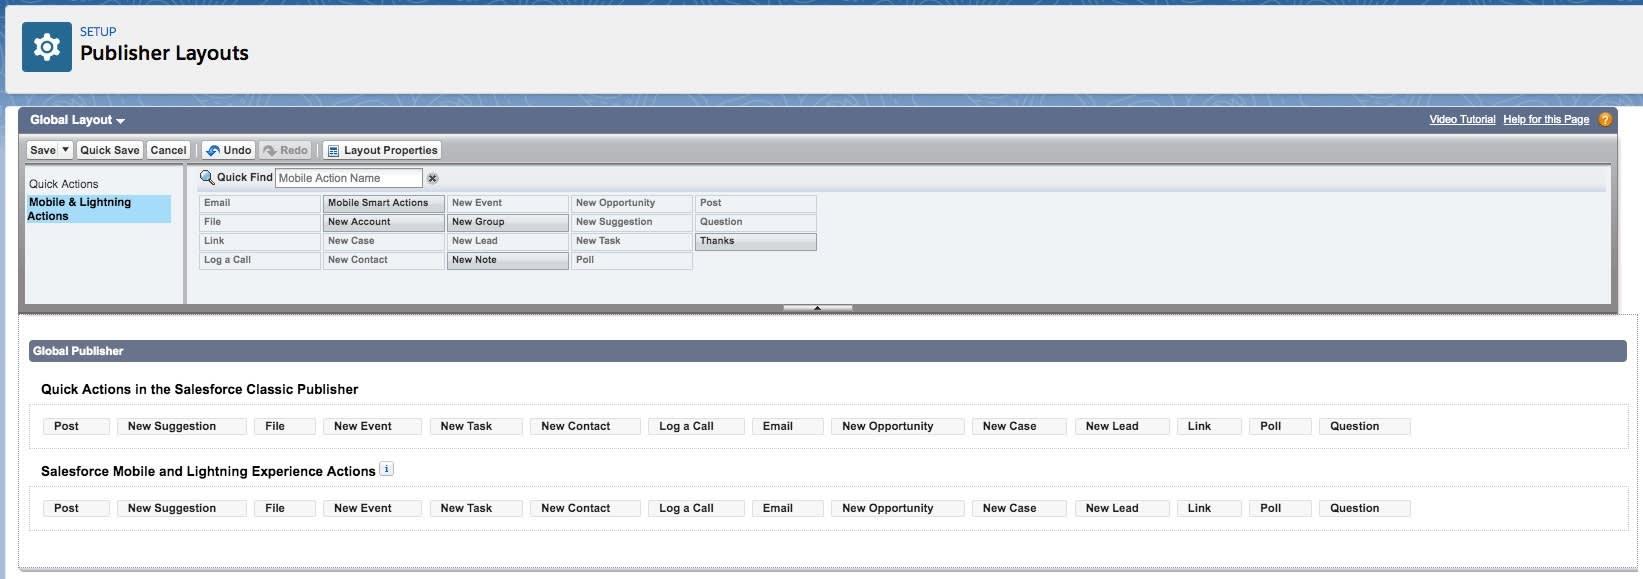 [Mobile & Lightning Actions (モバイルおよび Lightning のアクション)] が強調表示されている [Publisher Layouts (パブリッシャーレイアウト)] 画面のスクリーンショット。